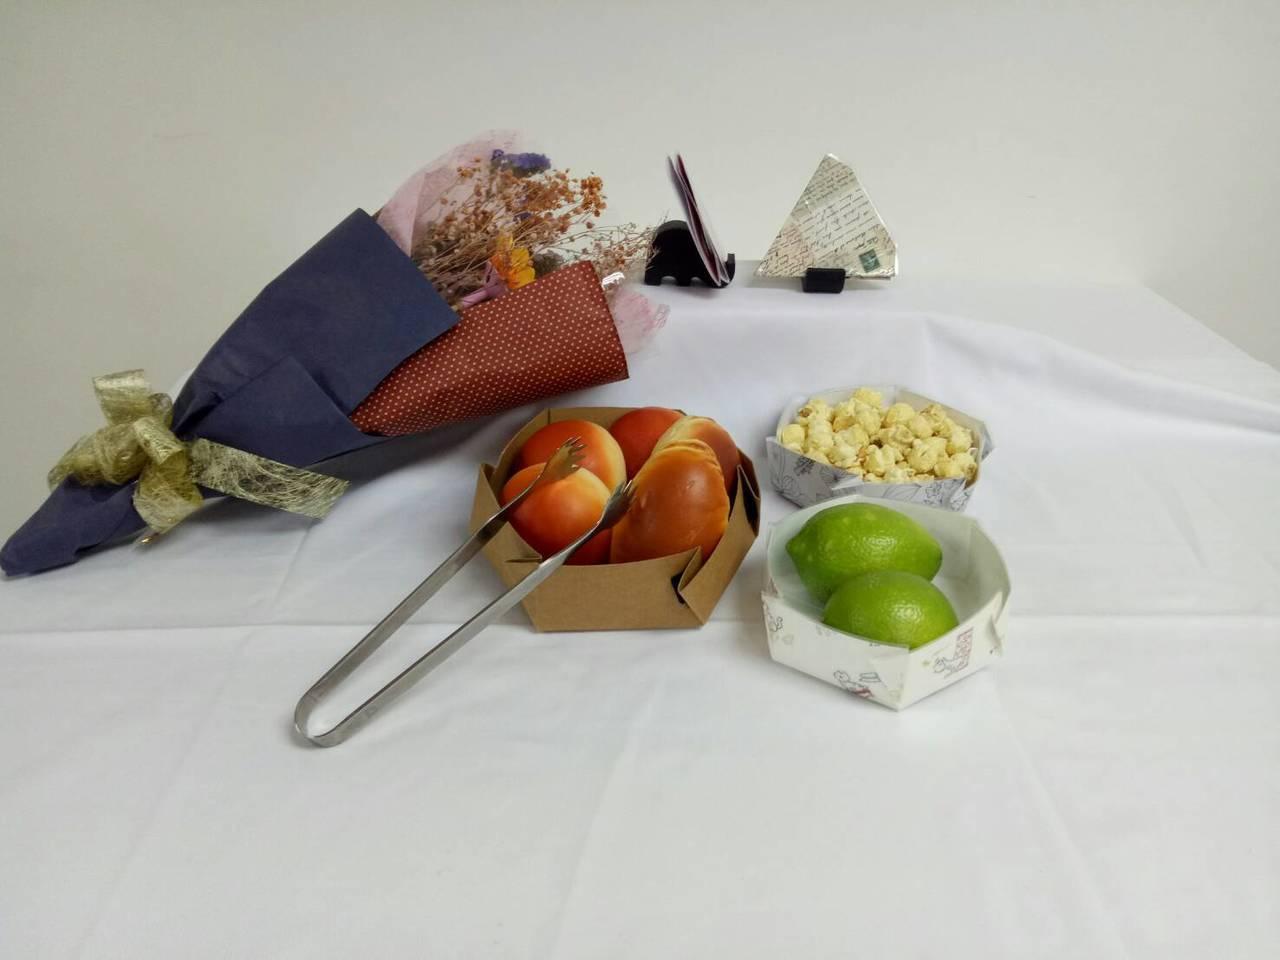 宏國德霖科大發明可摺疊餐盤,作品兼具環保及創意,獲頒大會特別獎。圖/中華創新發明...